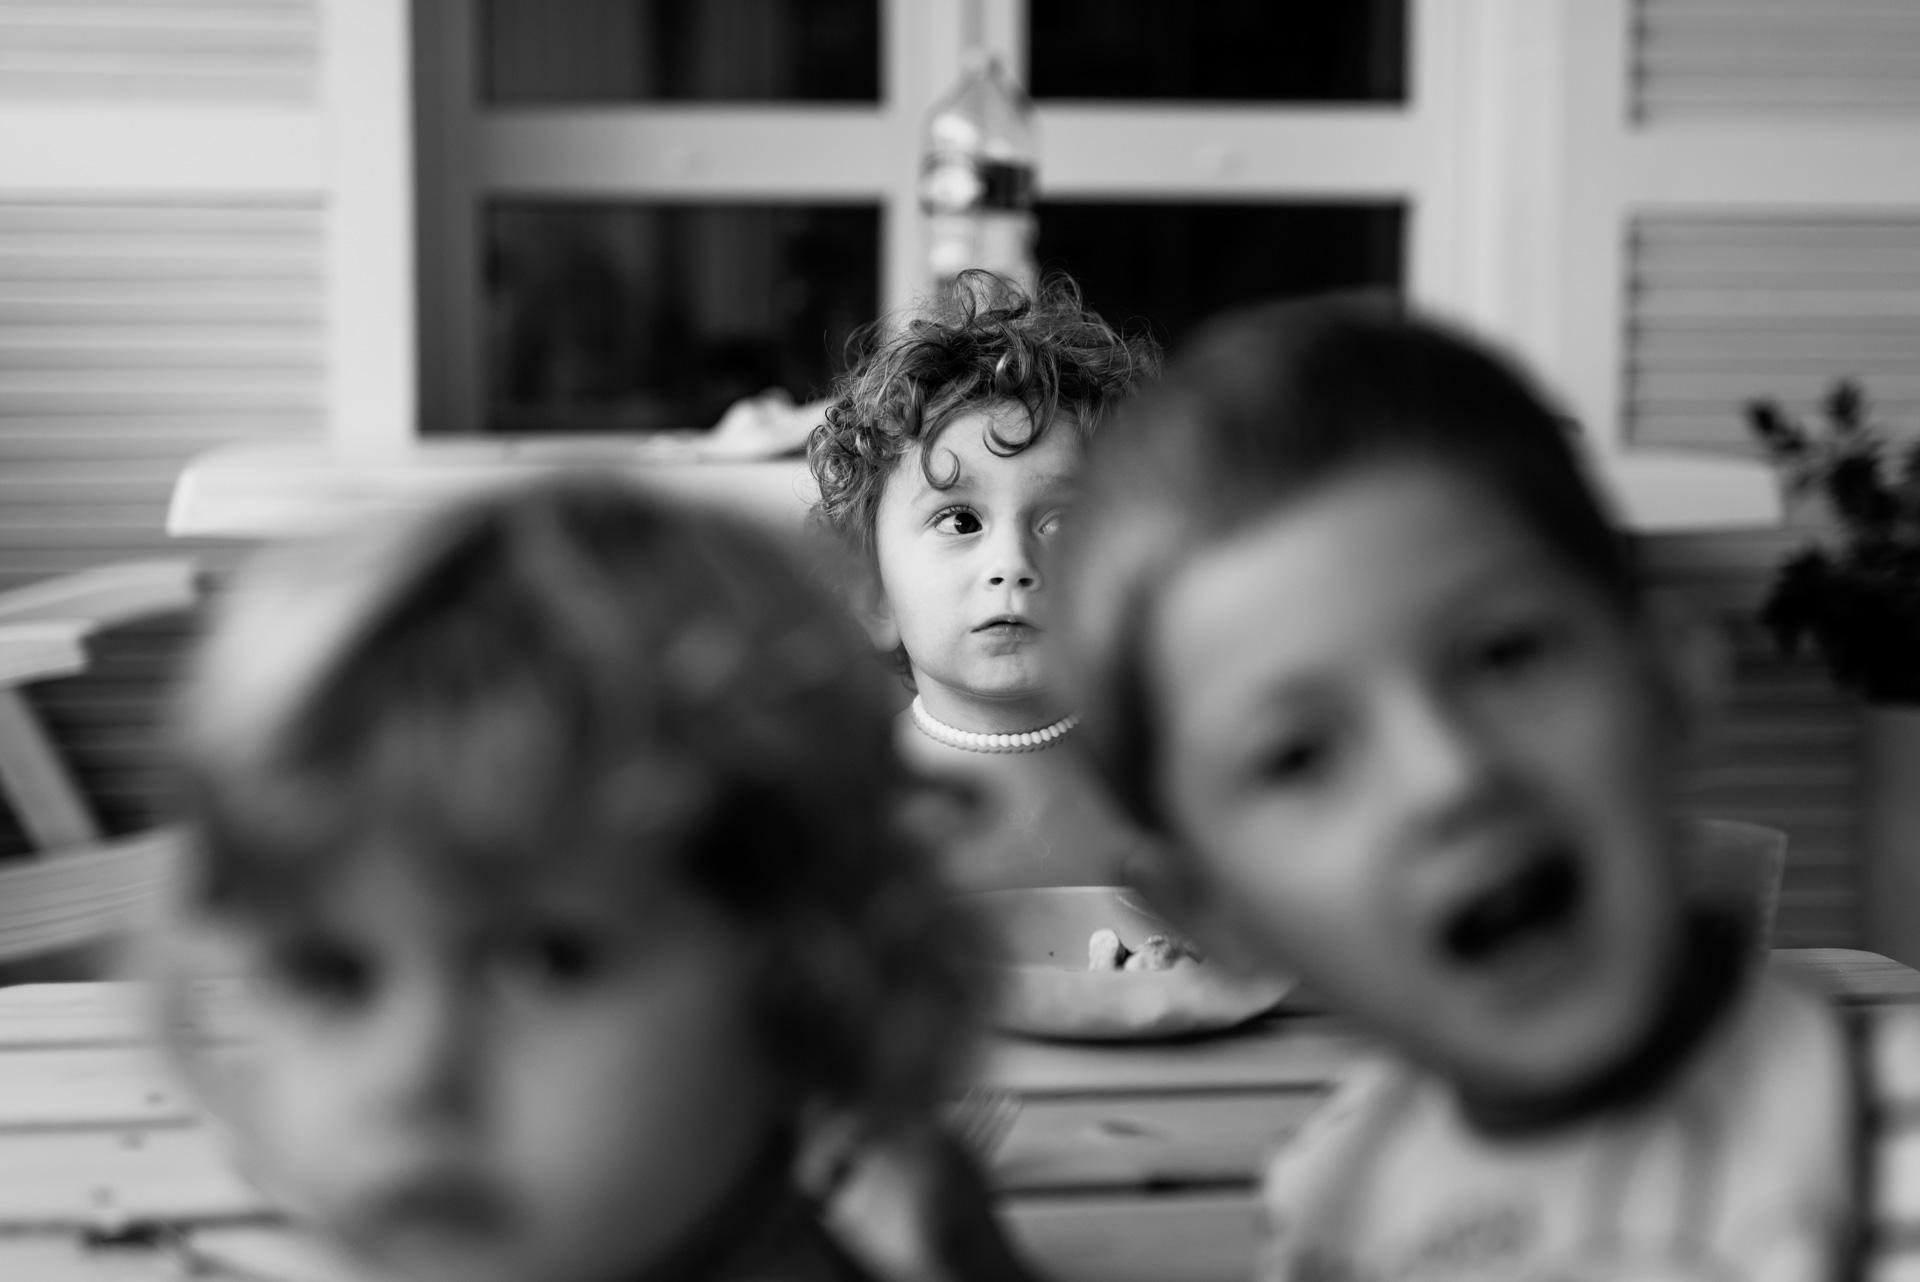 Anniversaire enfant photographe reportage yvelines Vhatou Rueil-malmaison Versailles reportage